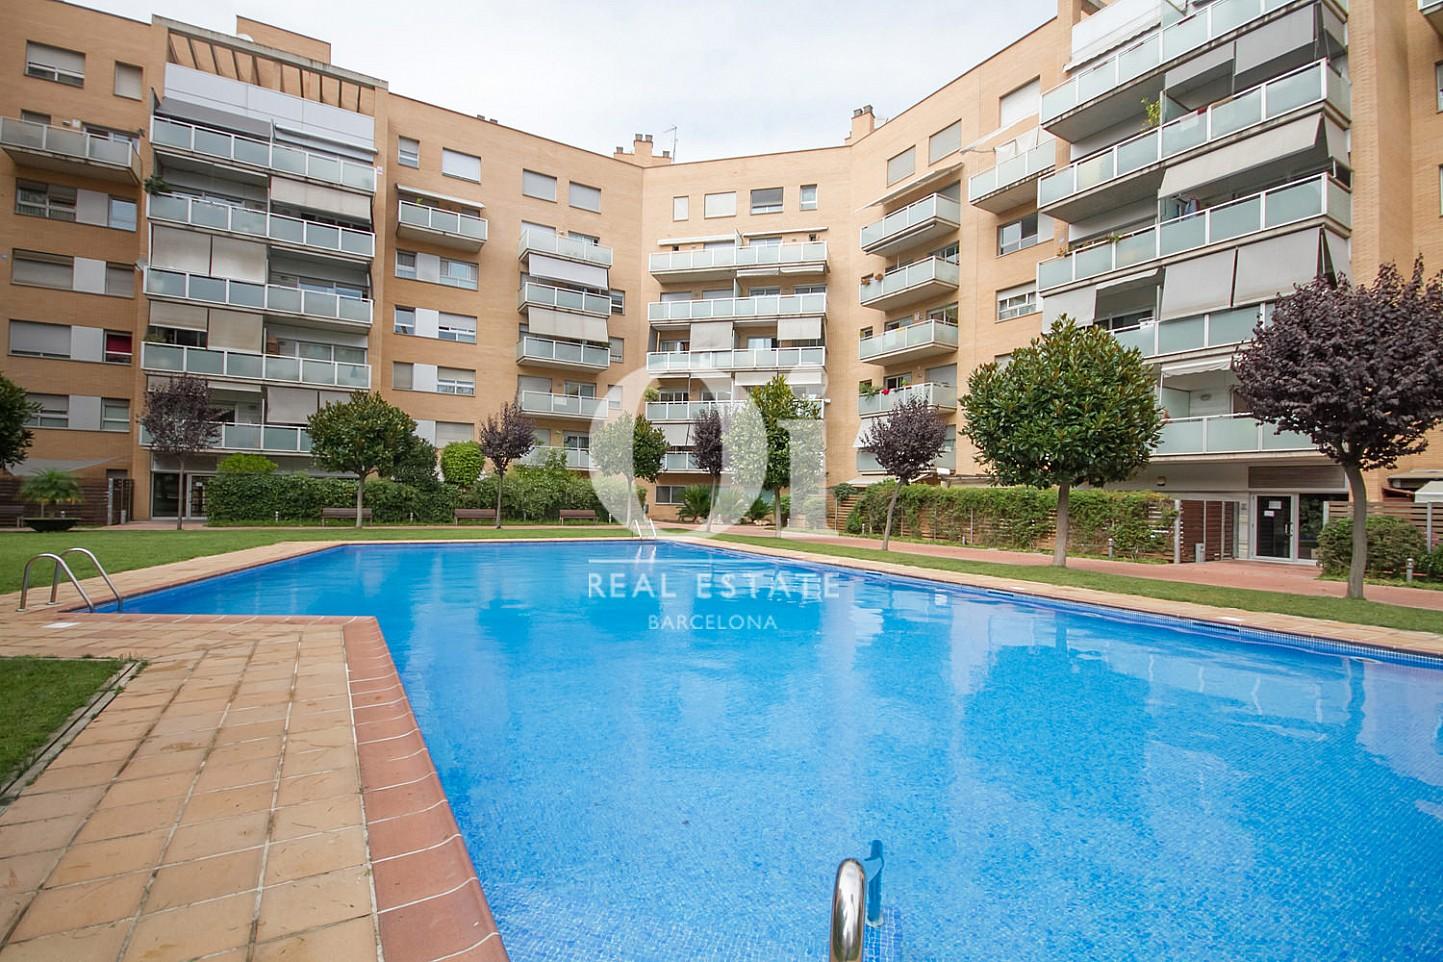 Вид общего бассейна во дворе в удивительной квартире на продажу в ройоне Побленоу, Барселона